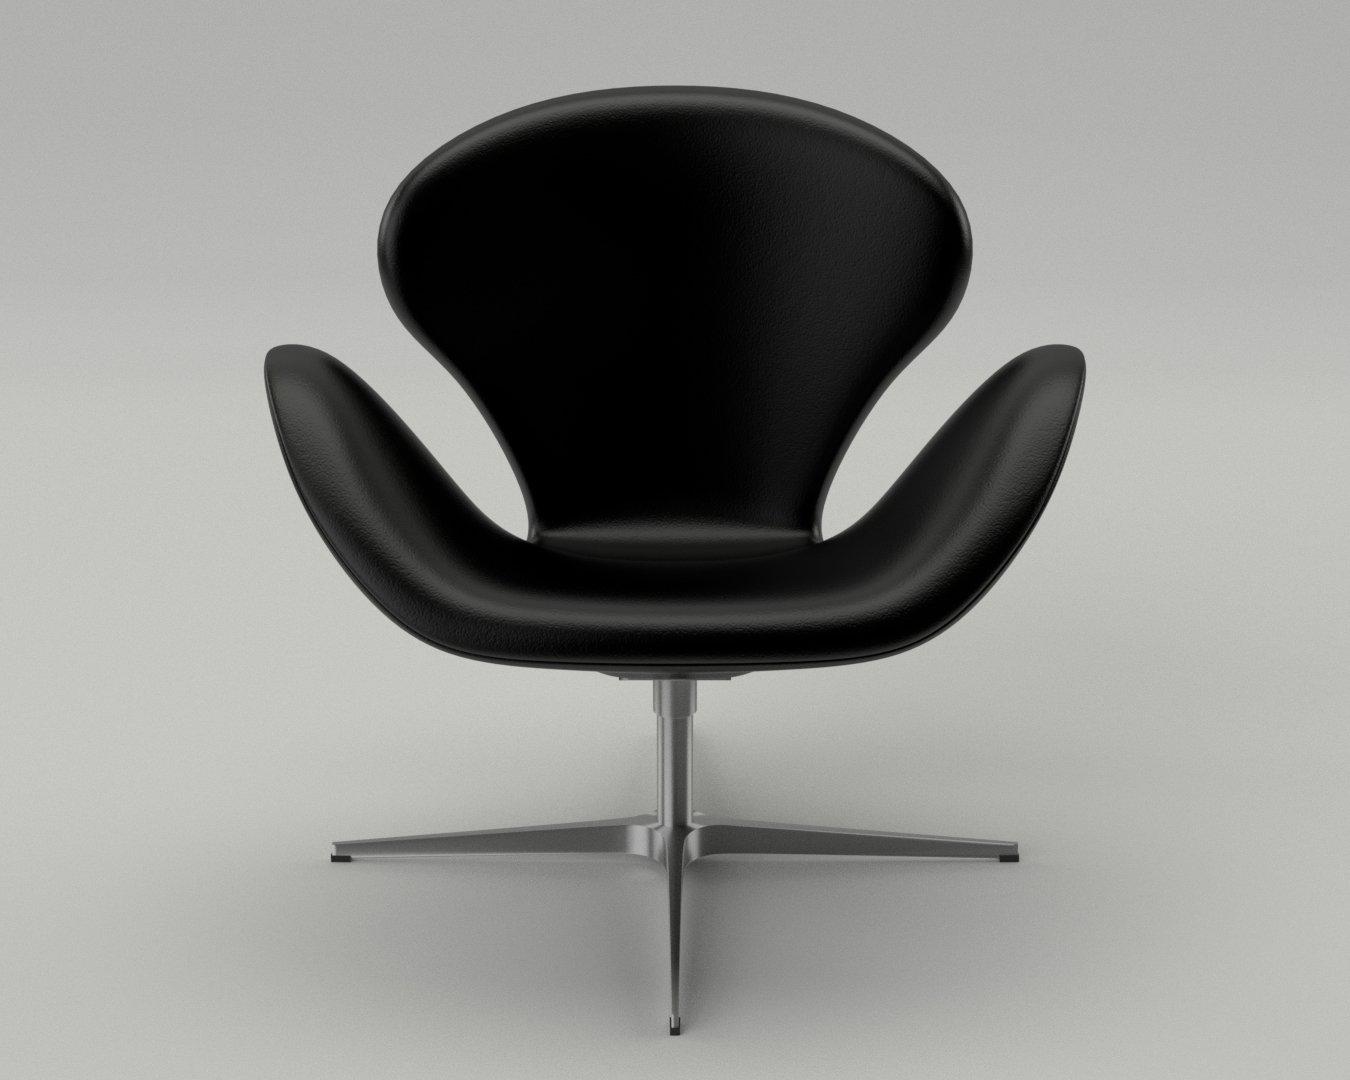 Fritz Hansen Swan Chair 3d Model In Chair 3dexport